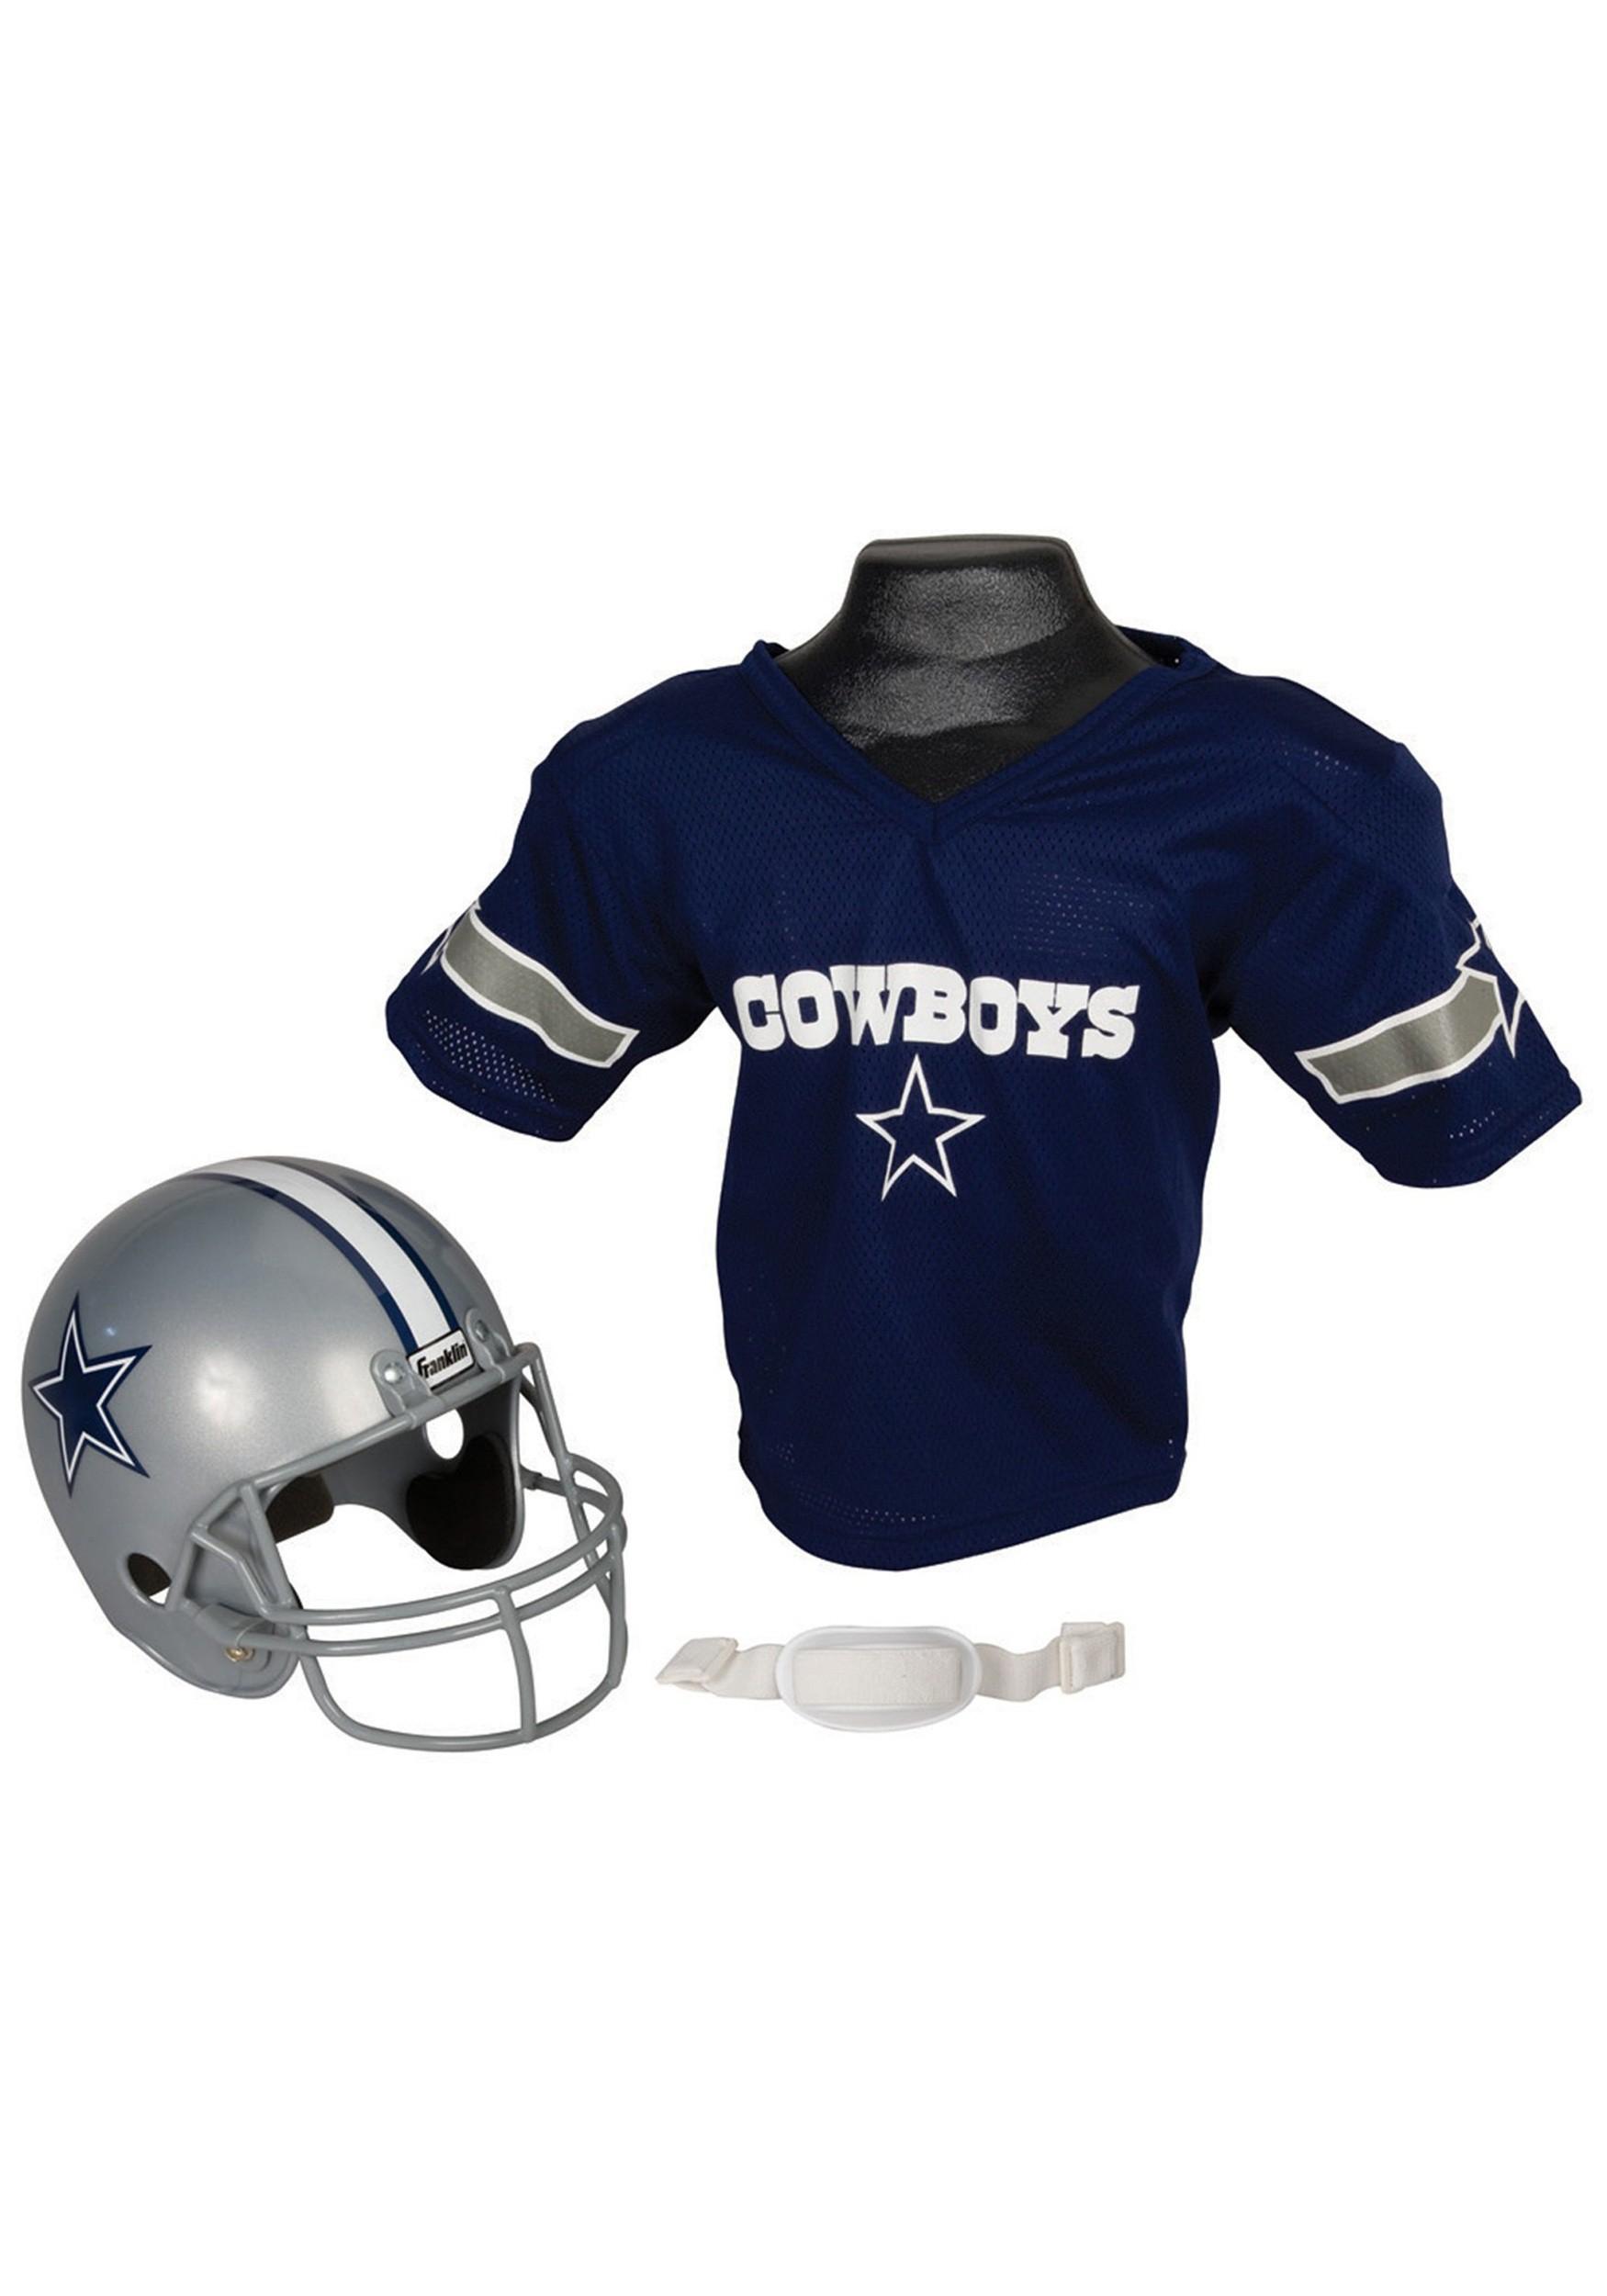 nfl dallas cowboys jersey